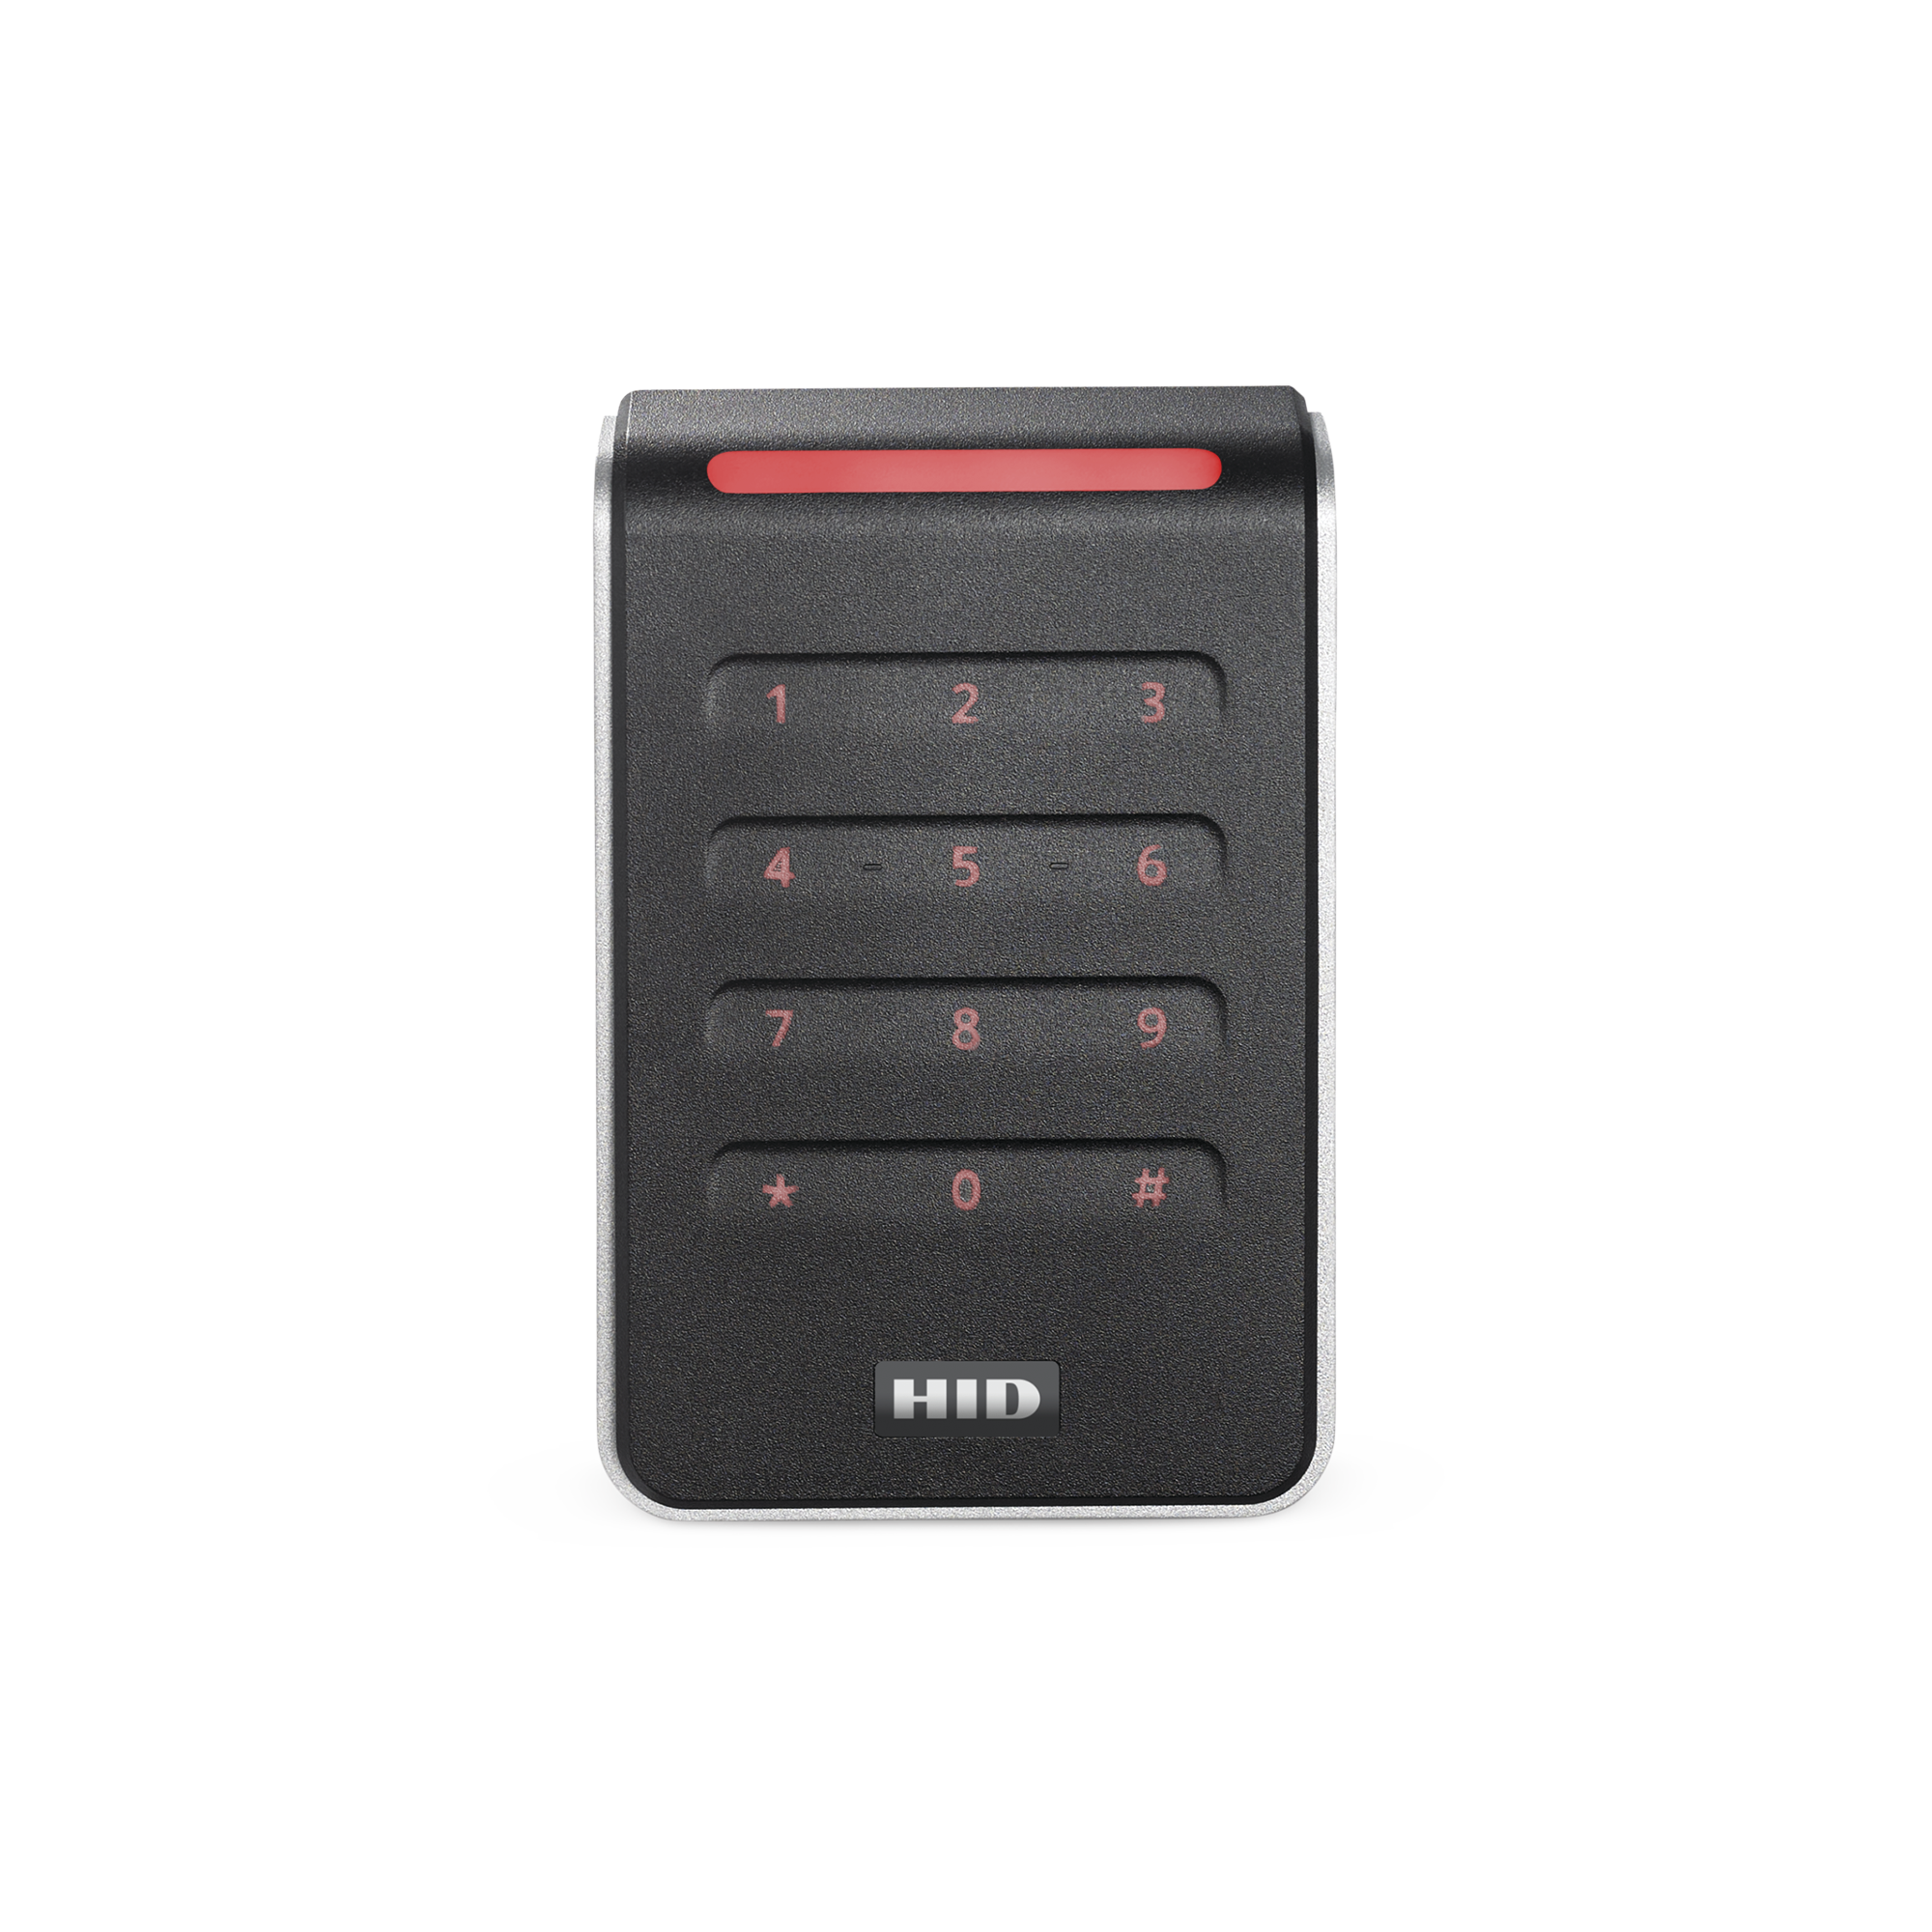 Lector con Teclado Capacitivo SIGNO R40 Multitecnologia/ 40KNKS-01-00001H/ Garantia de Por Vida/ Pigtail/Wiegand & OSDP/Mullion